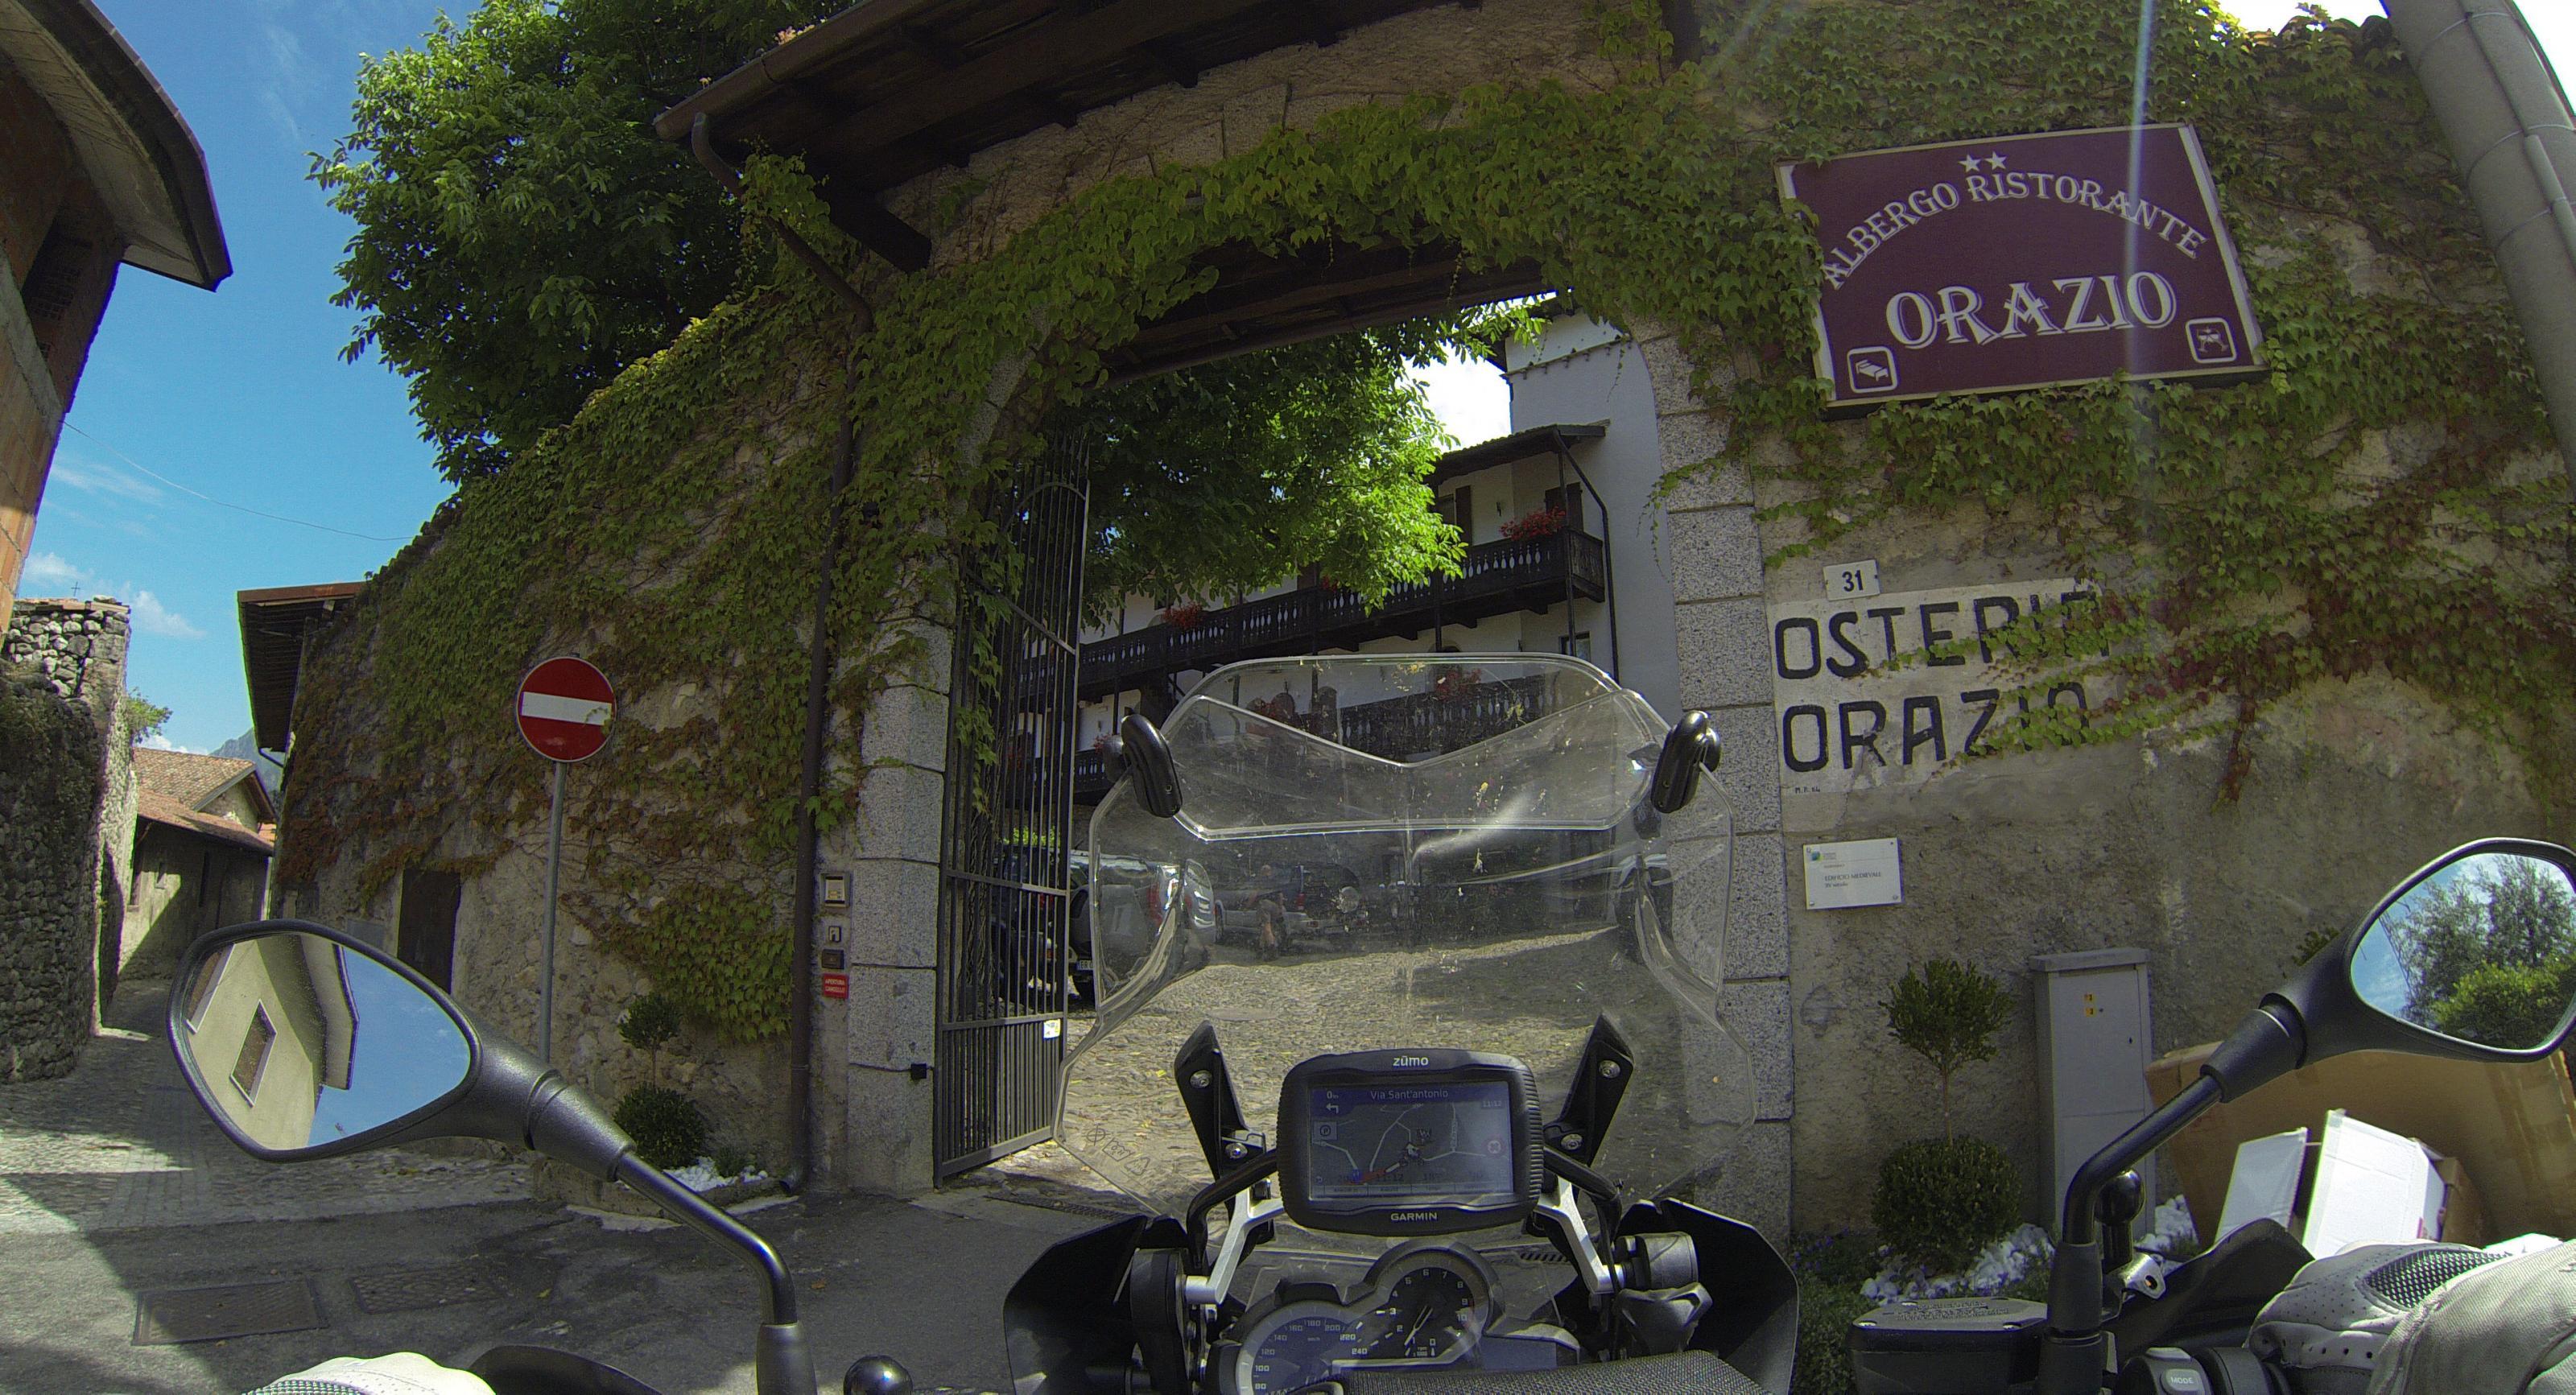 gs1200-oratio-lago-di-iseo-201412-gopro-15.jpg